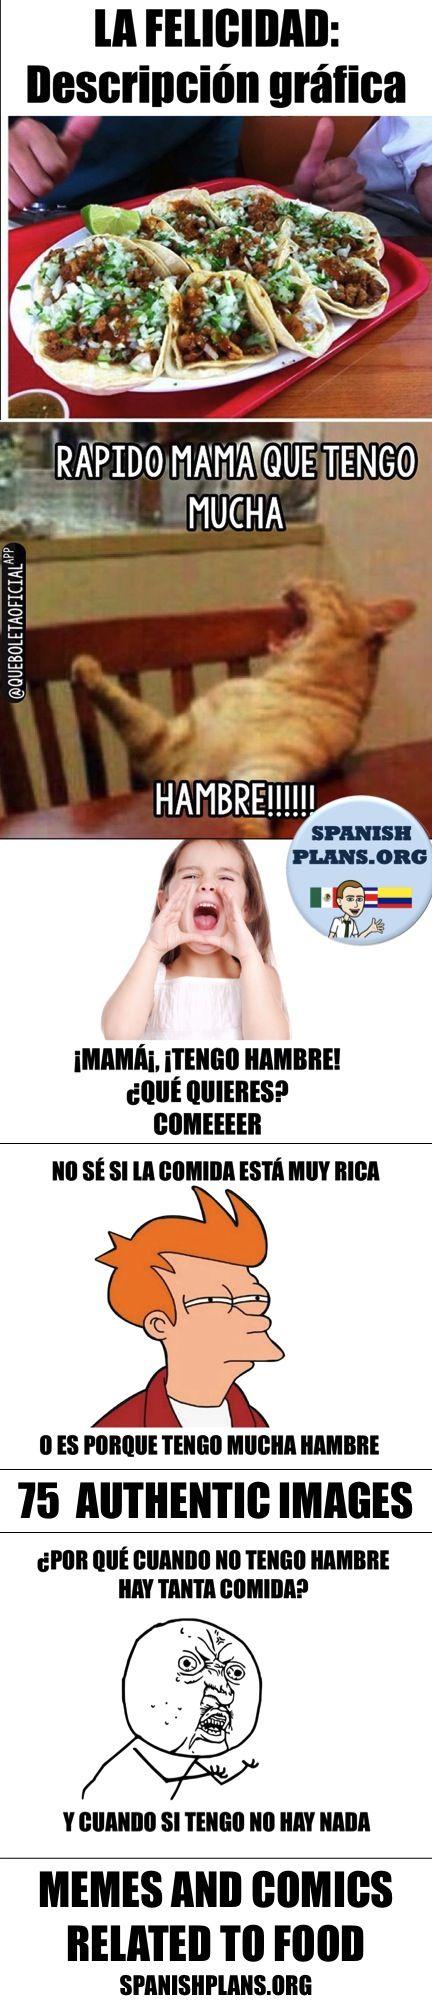 Videos Y Fotos For La Comida Unit Memes De Estudiantes Chistoso Memes En Espanol